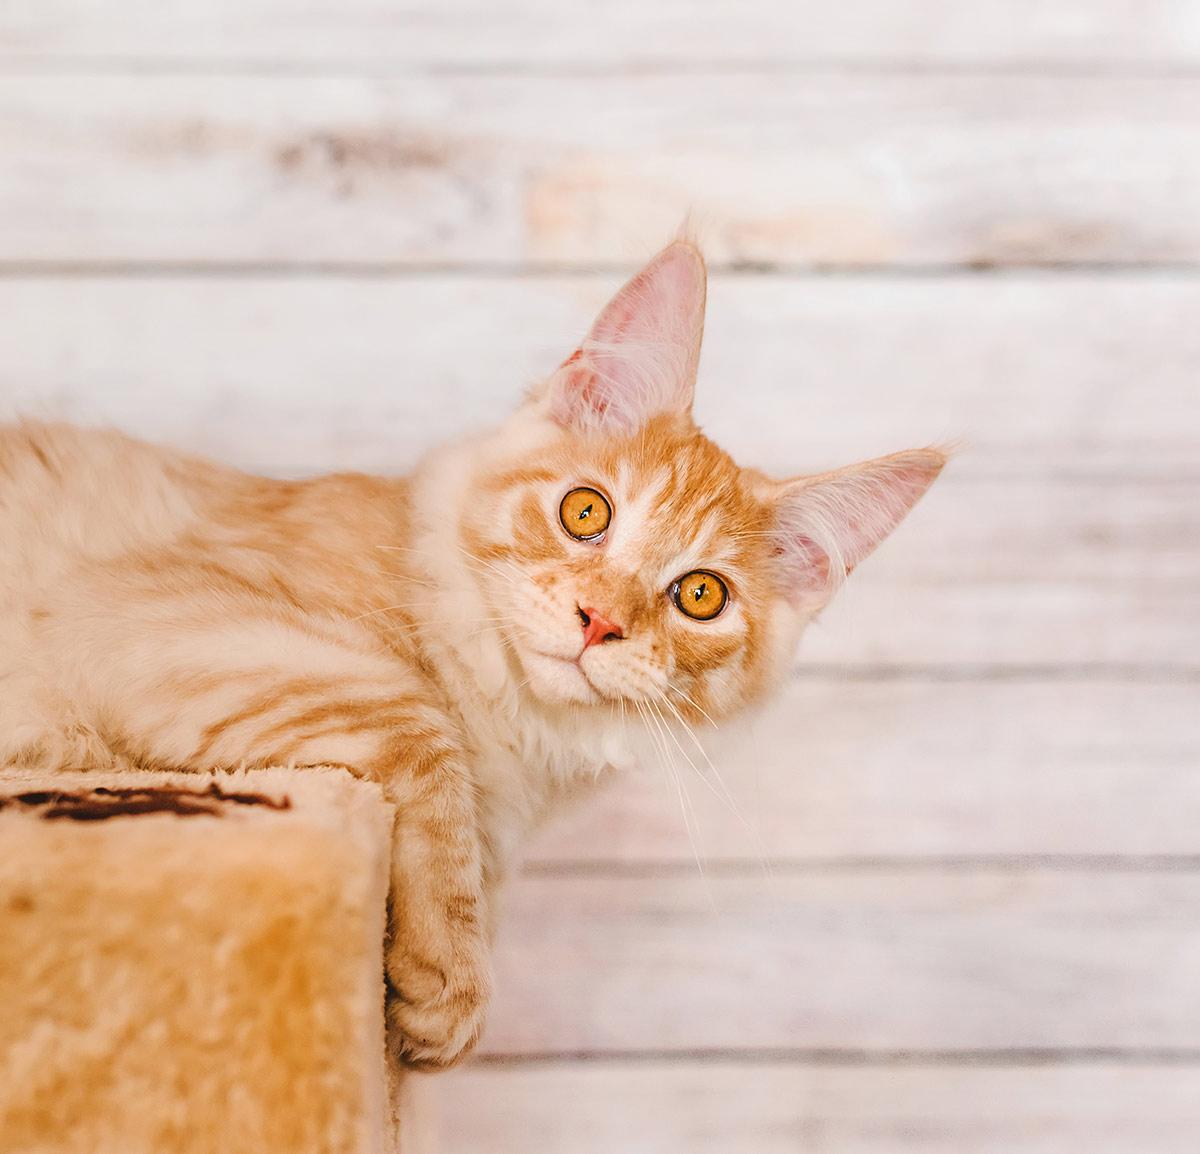 Orange Maine Coon cat pictures